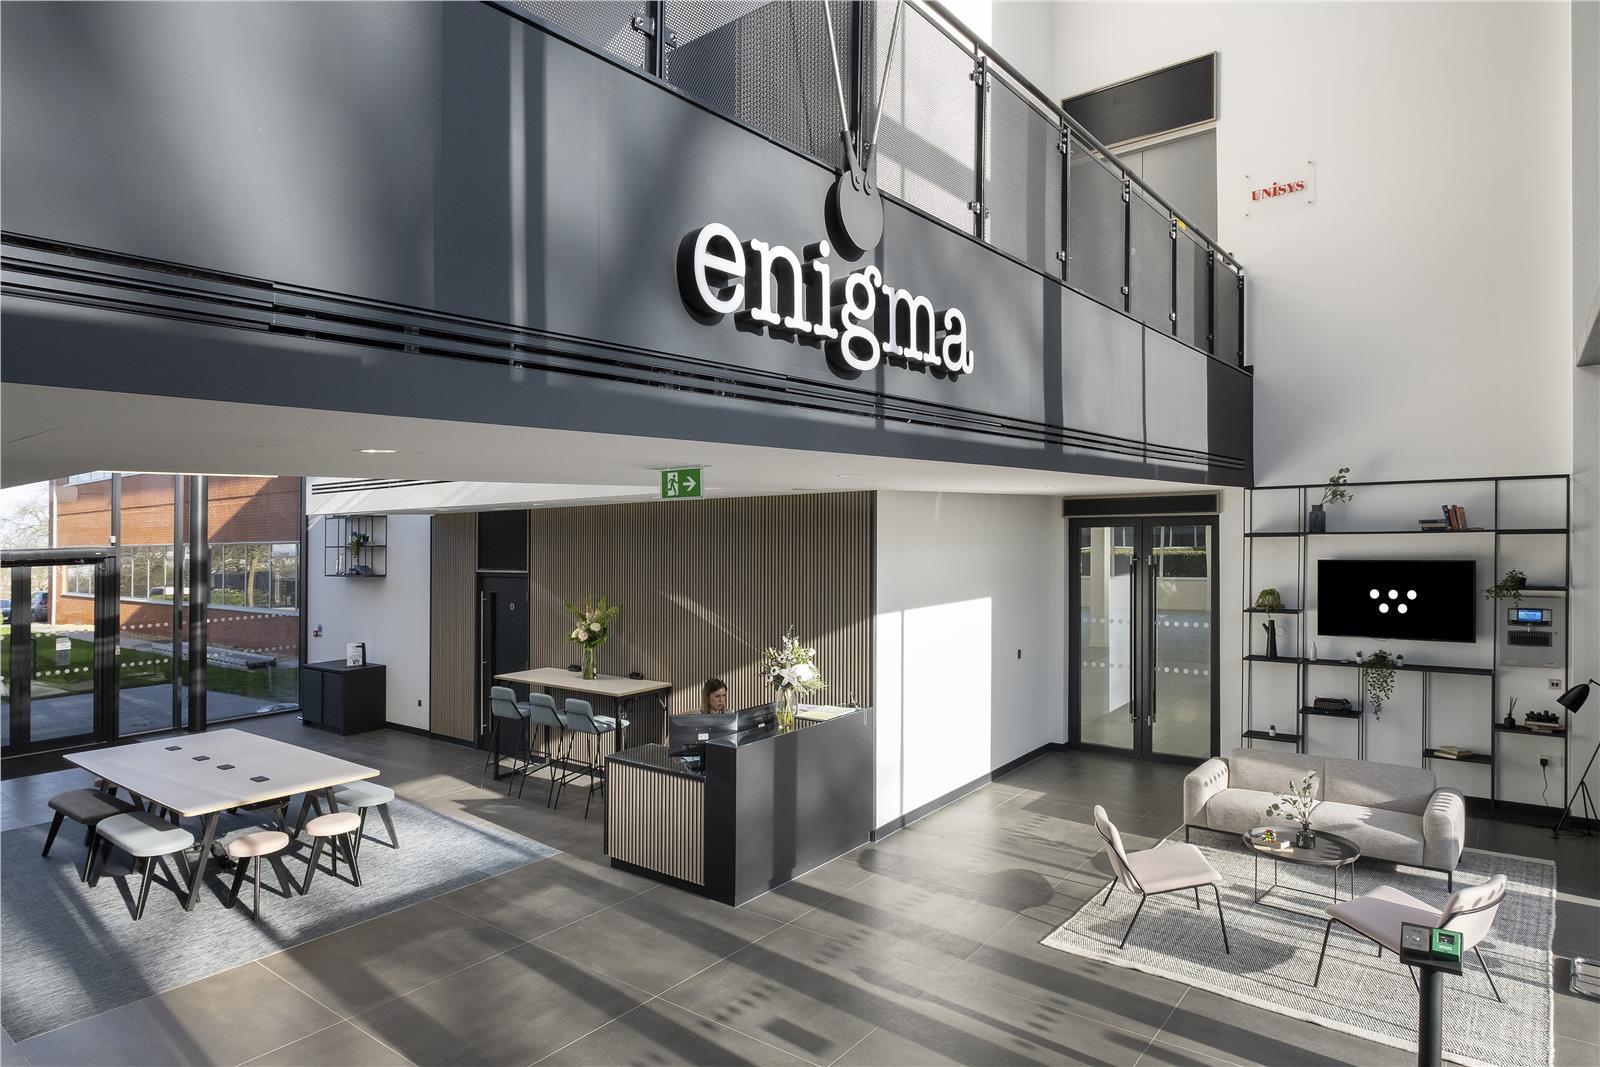 Enigma, Wavendon Business Park, Milton Keynes